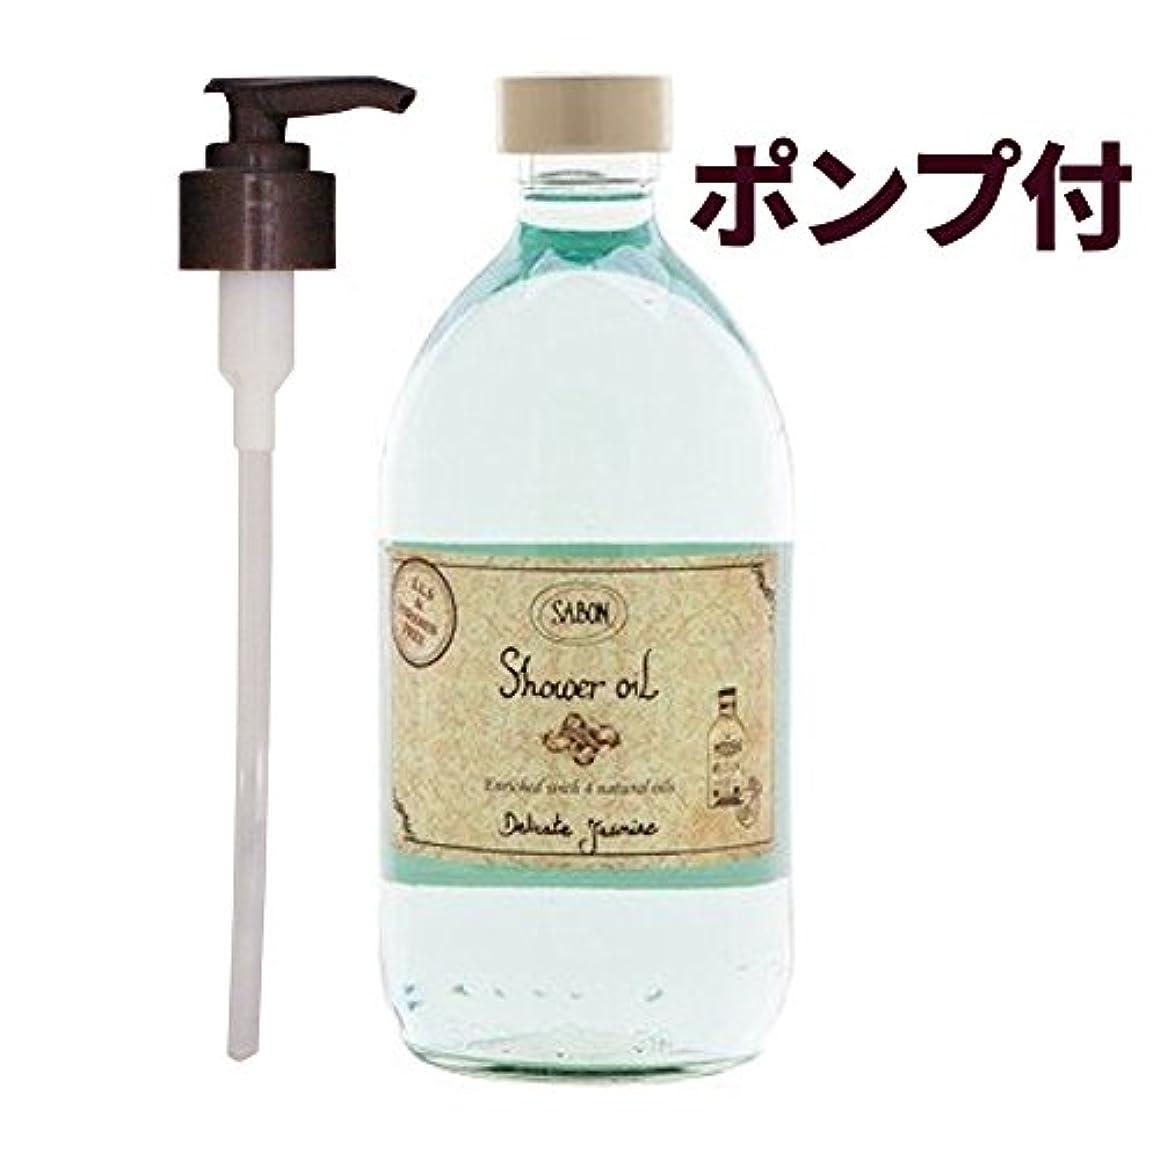 裏切るトーストサボン シャワーオイル デリケートジャスミン500ml(並行輸入品)